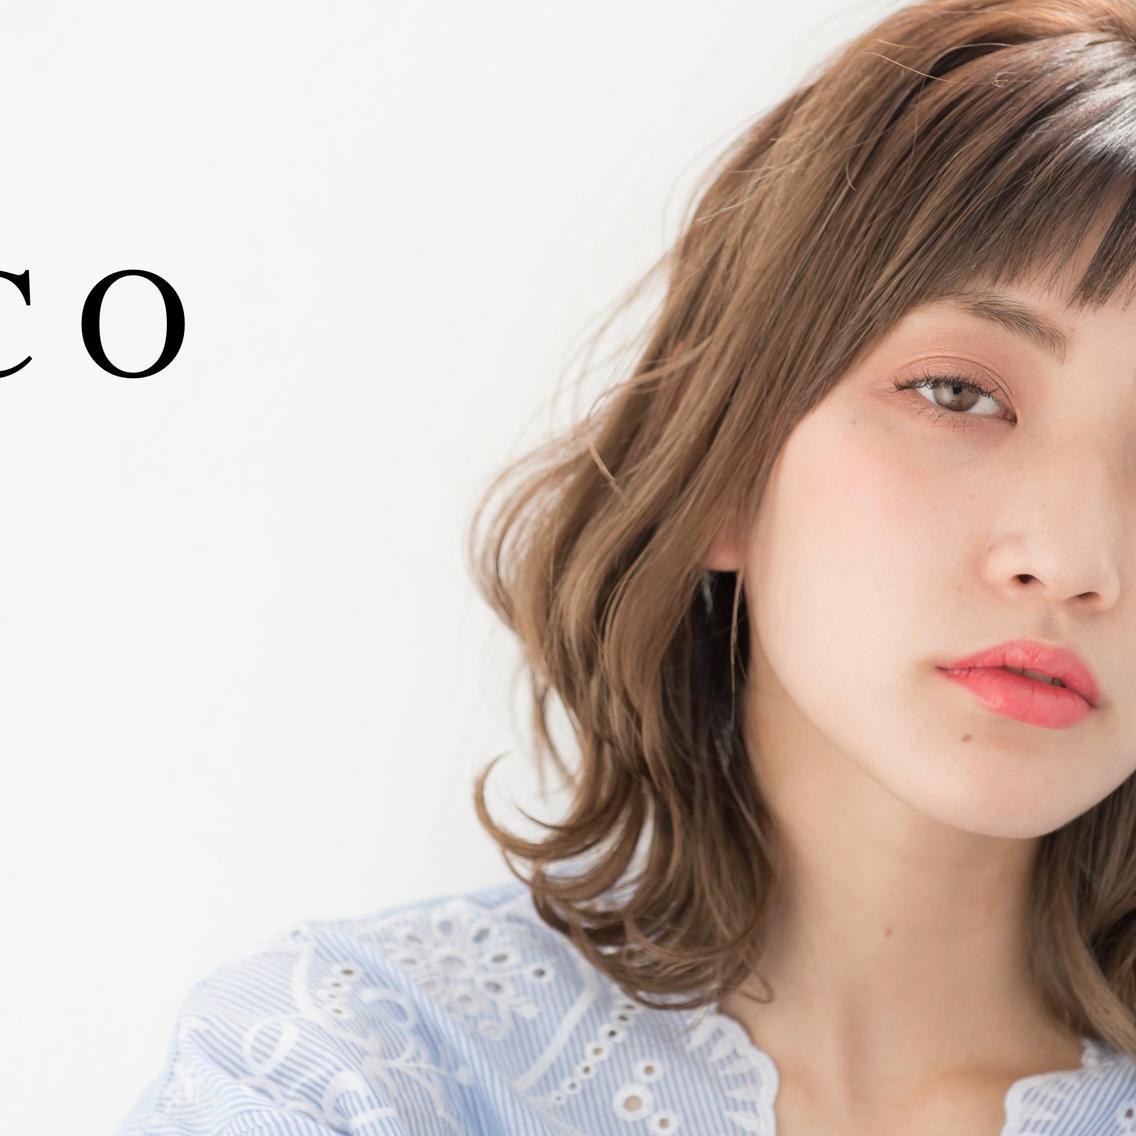 ROCCO所属・ROCCO AMIの掲載